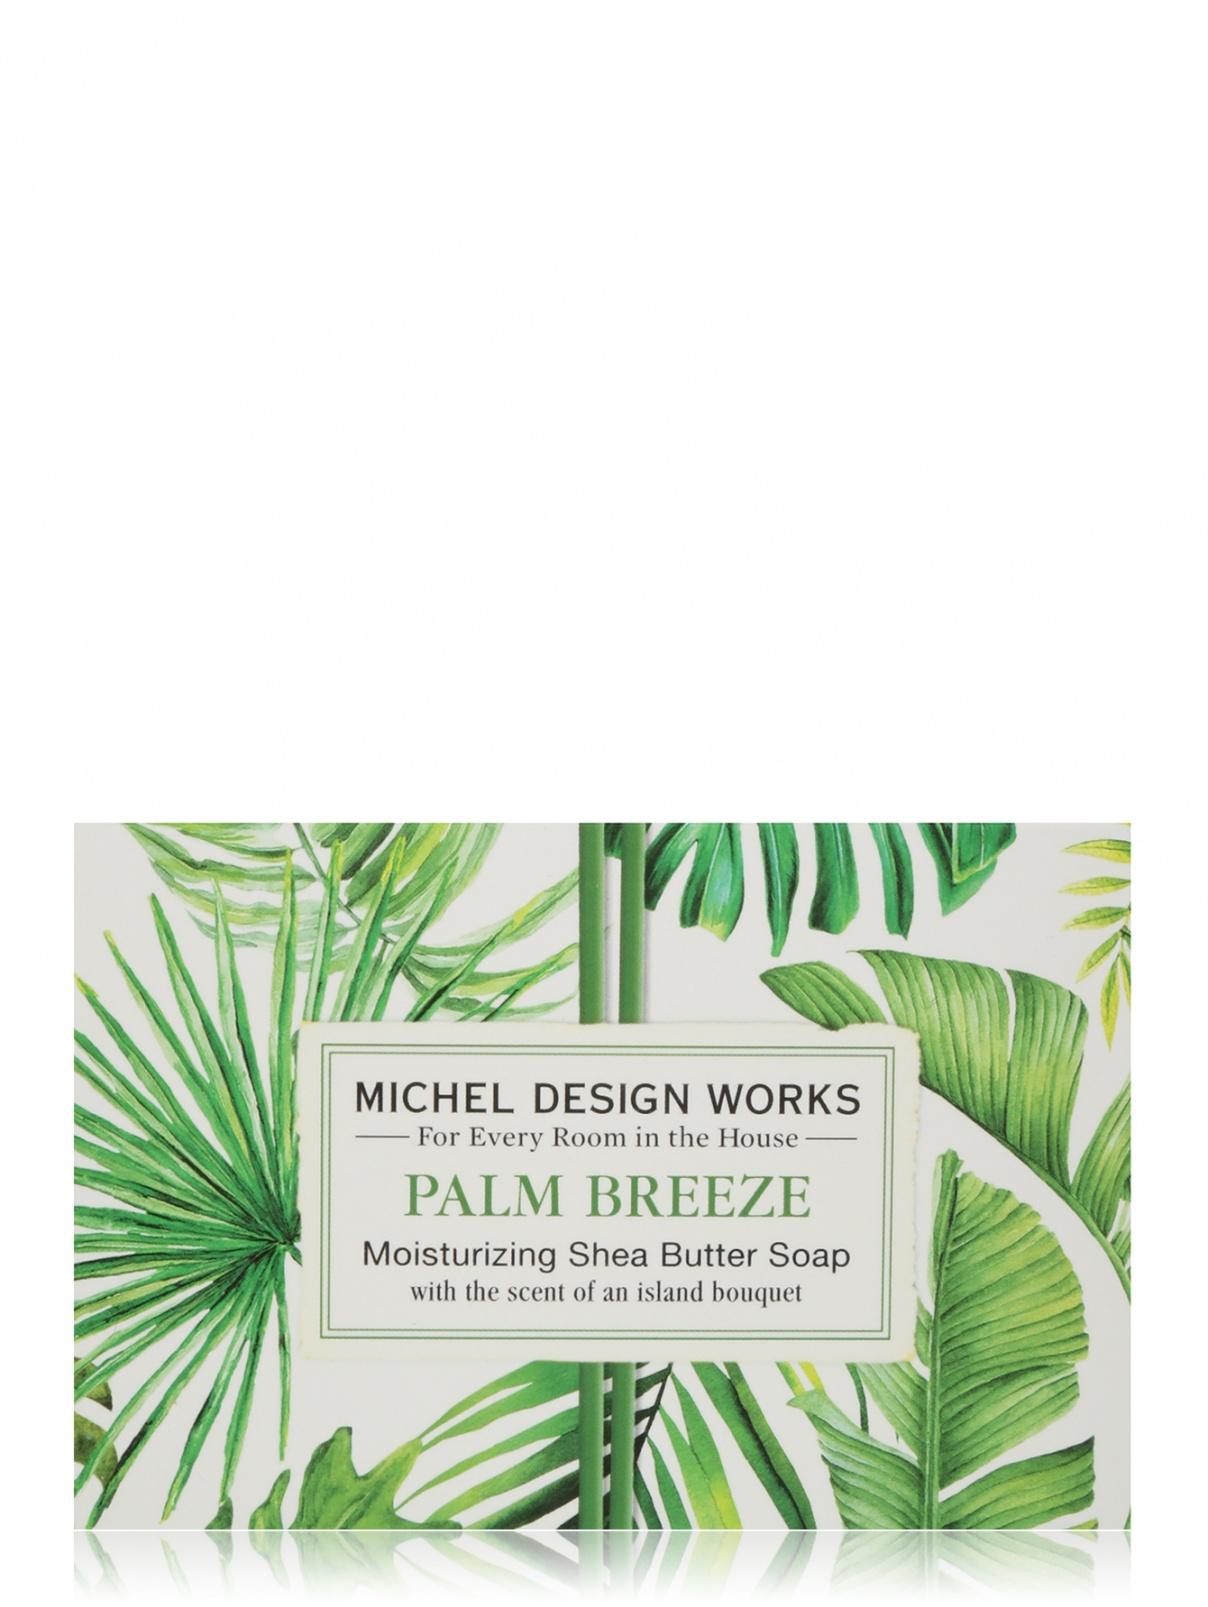 Мыло в подарочной коробке Palm Breeze 127 г MichelDesignWorks  –  Общий вид